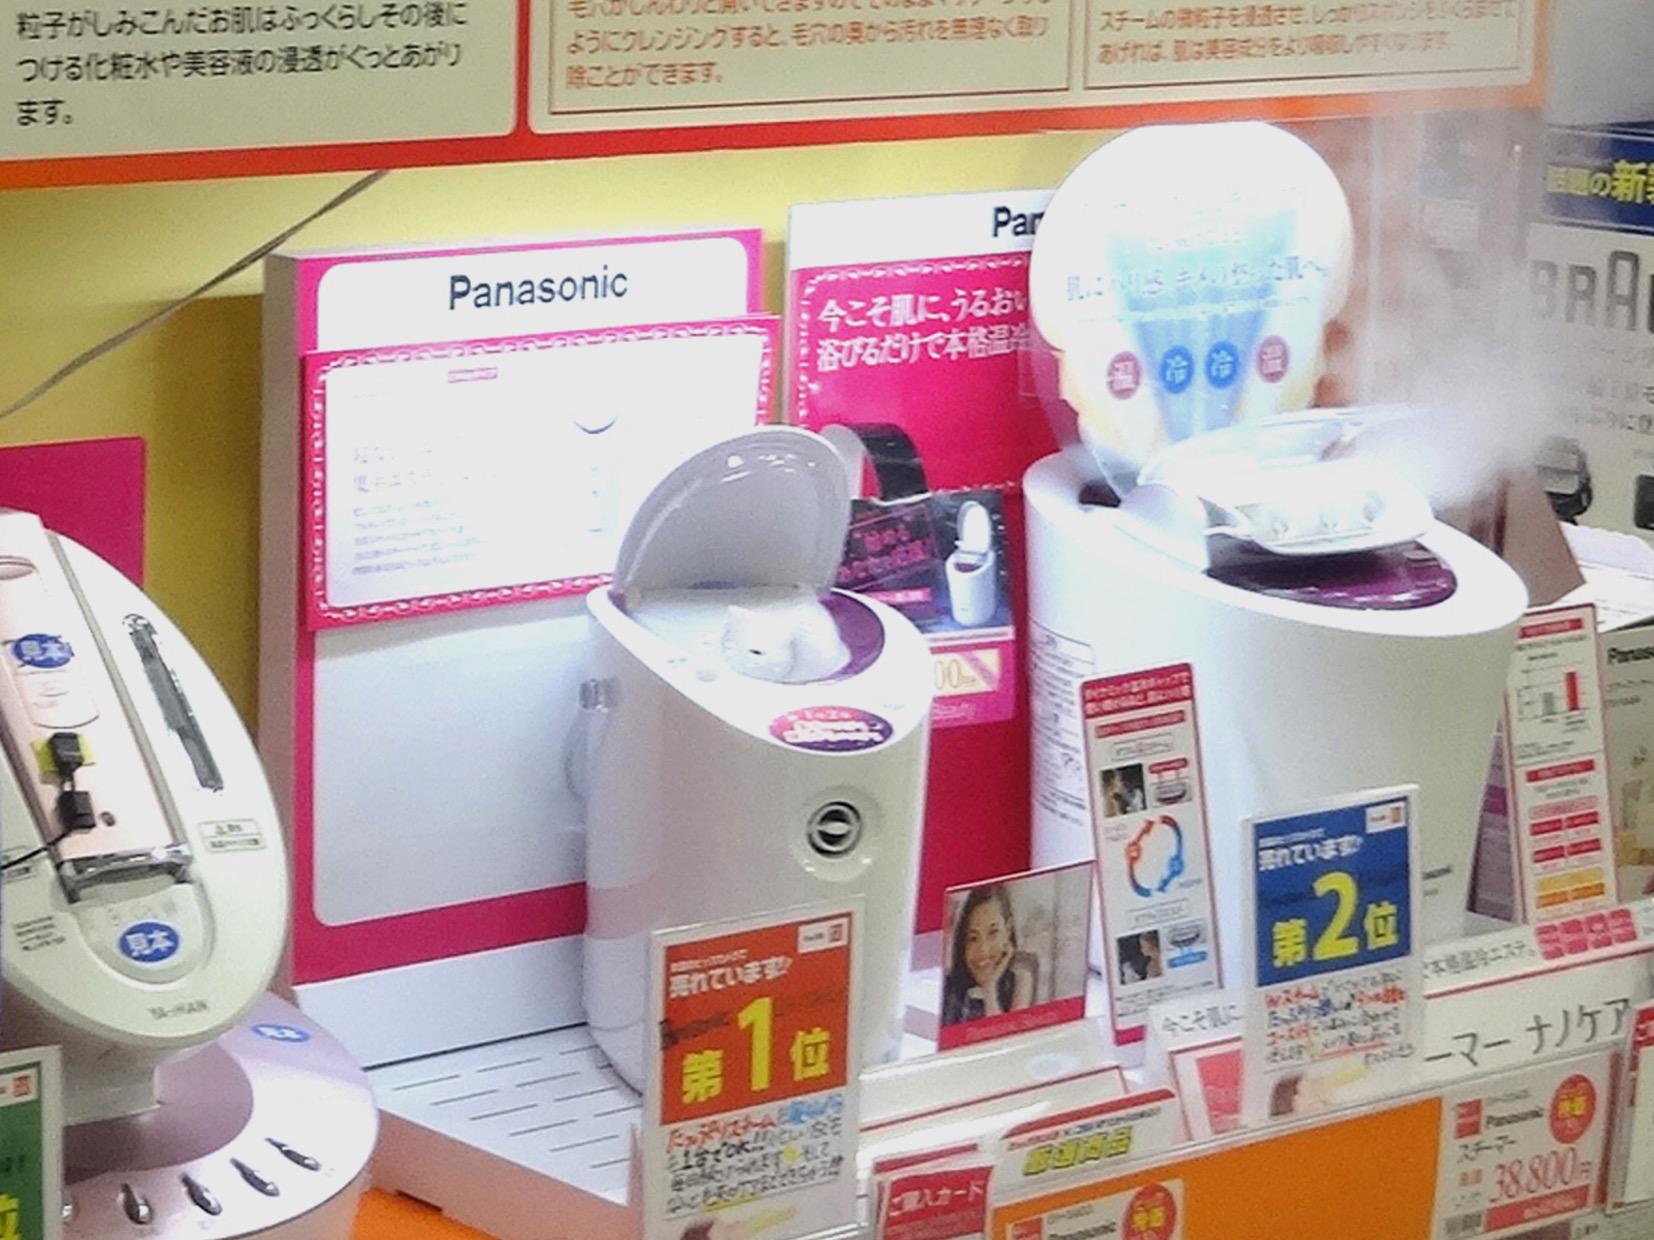 BICCAMERA Shinjuku West Store